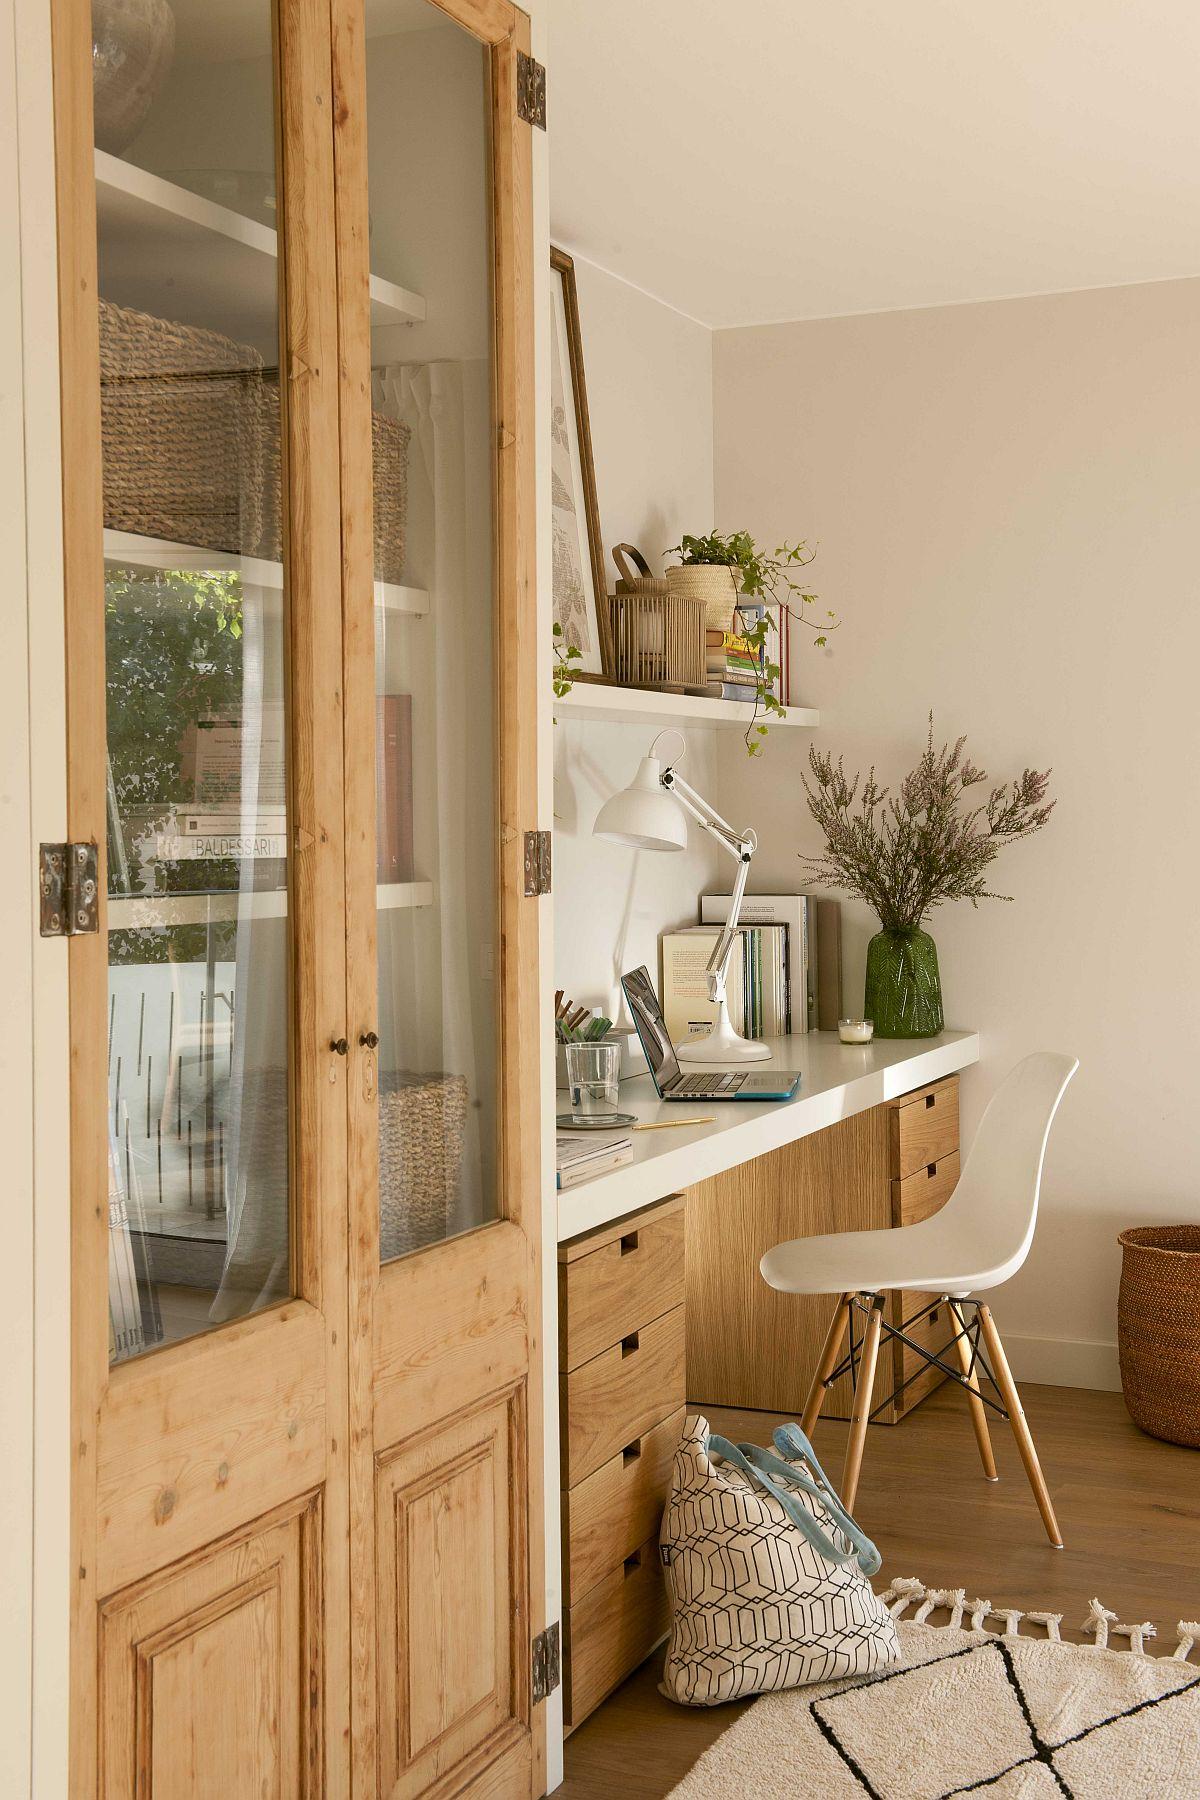 Fronturile din lemn frezate ale vitrinei te duc cu gândul la rustic, dar acest dulap cu vitrină este conceput pe dimensiunea spațiului și pe toată înălțimea acestuia, ceea ce-l face să fie perfect integrat în ambient, față de un bufet vechi, care cu siguranță ar fi fost mult prea masiv.